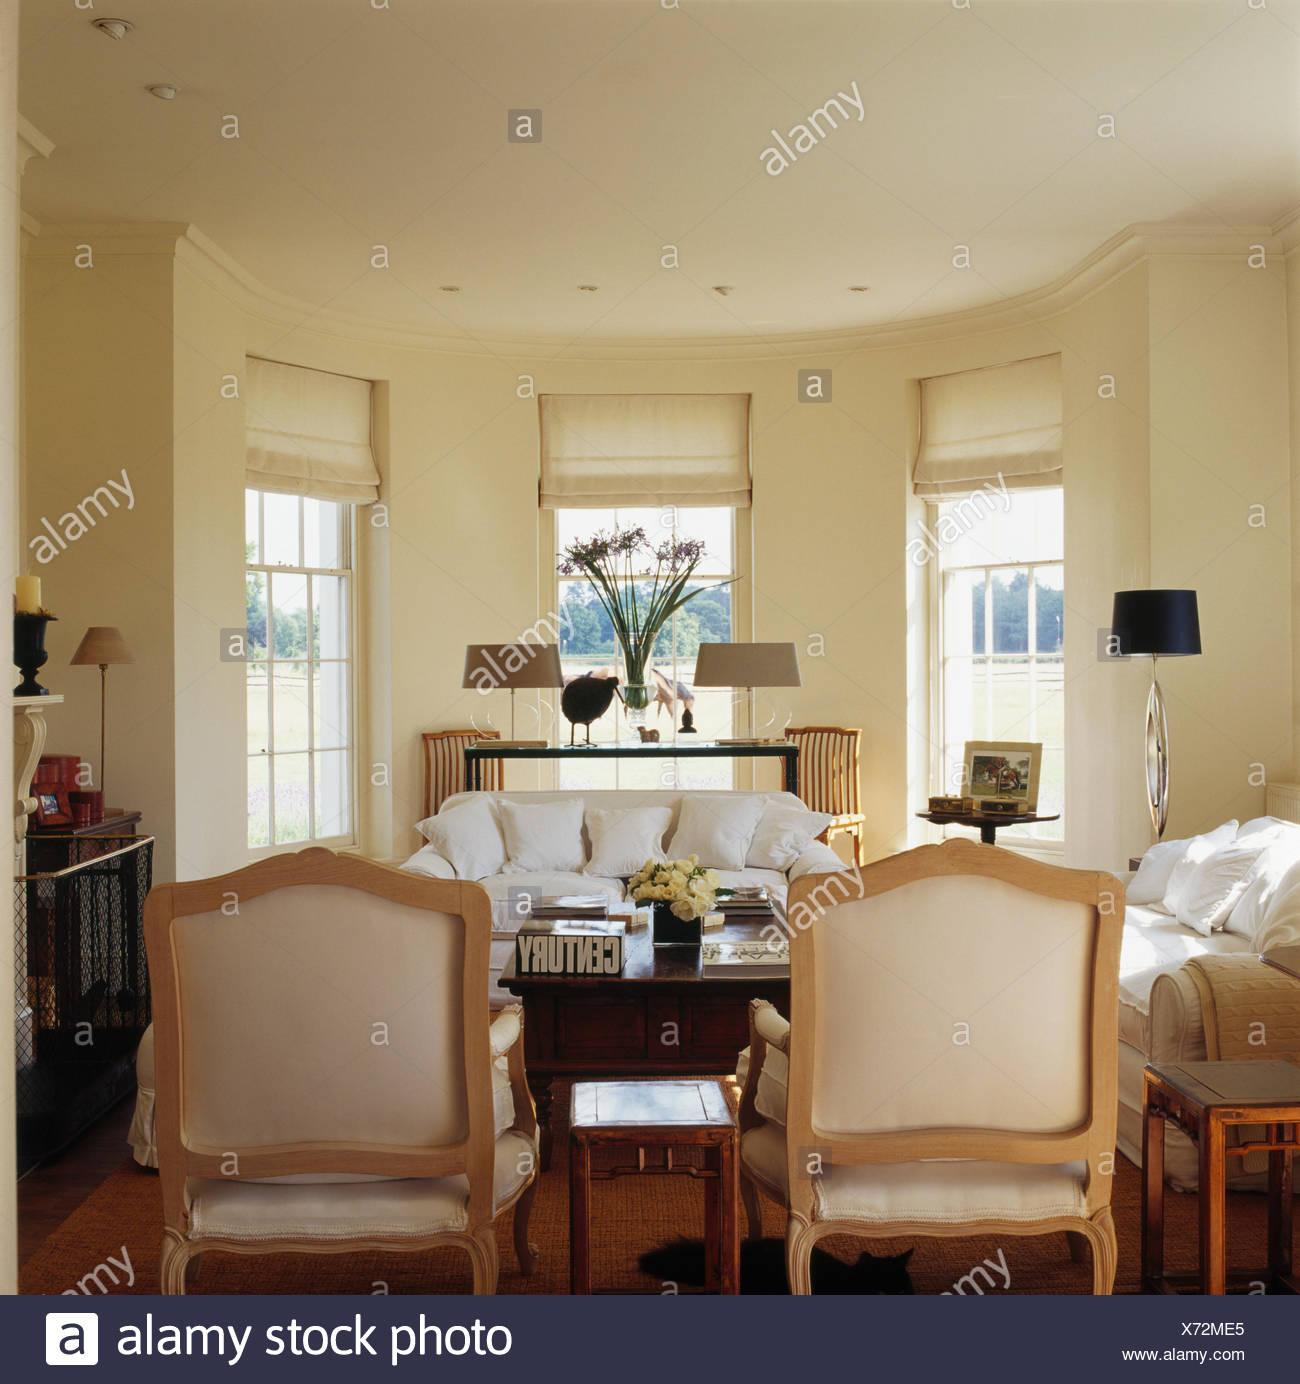 Creme Stuhle Und Weisse Sofas Im Wohnzimmer Creme Land Mit Weissem